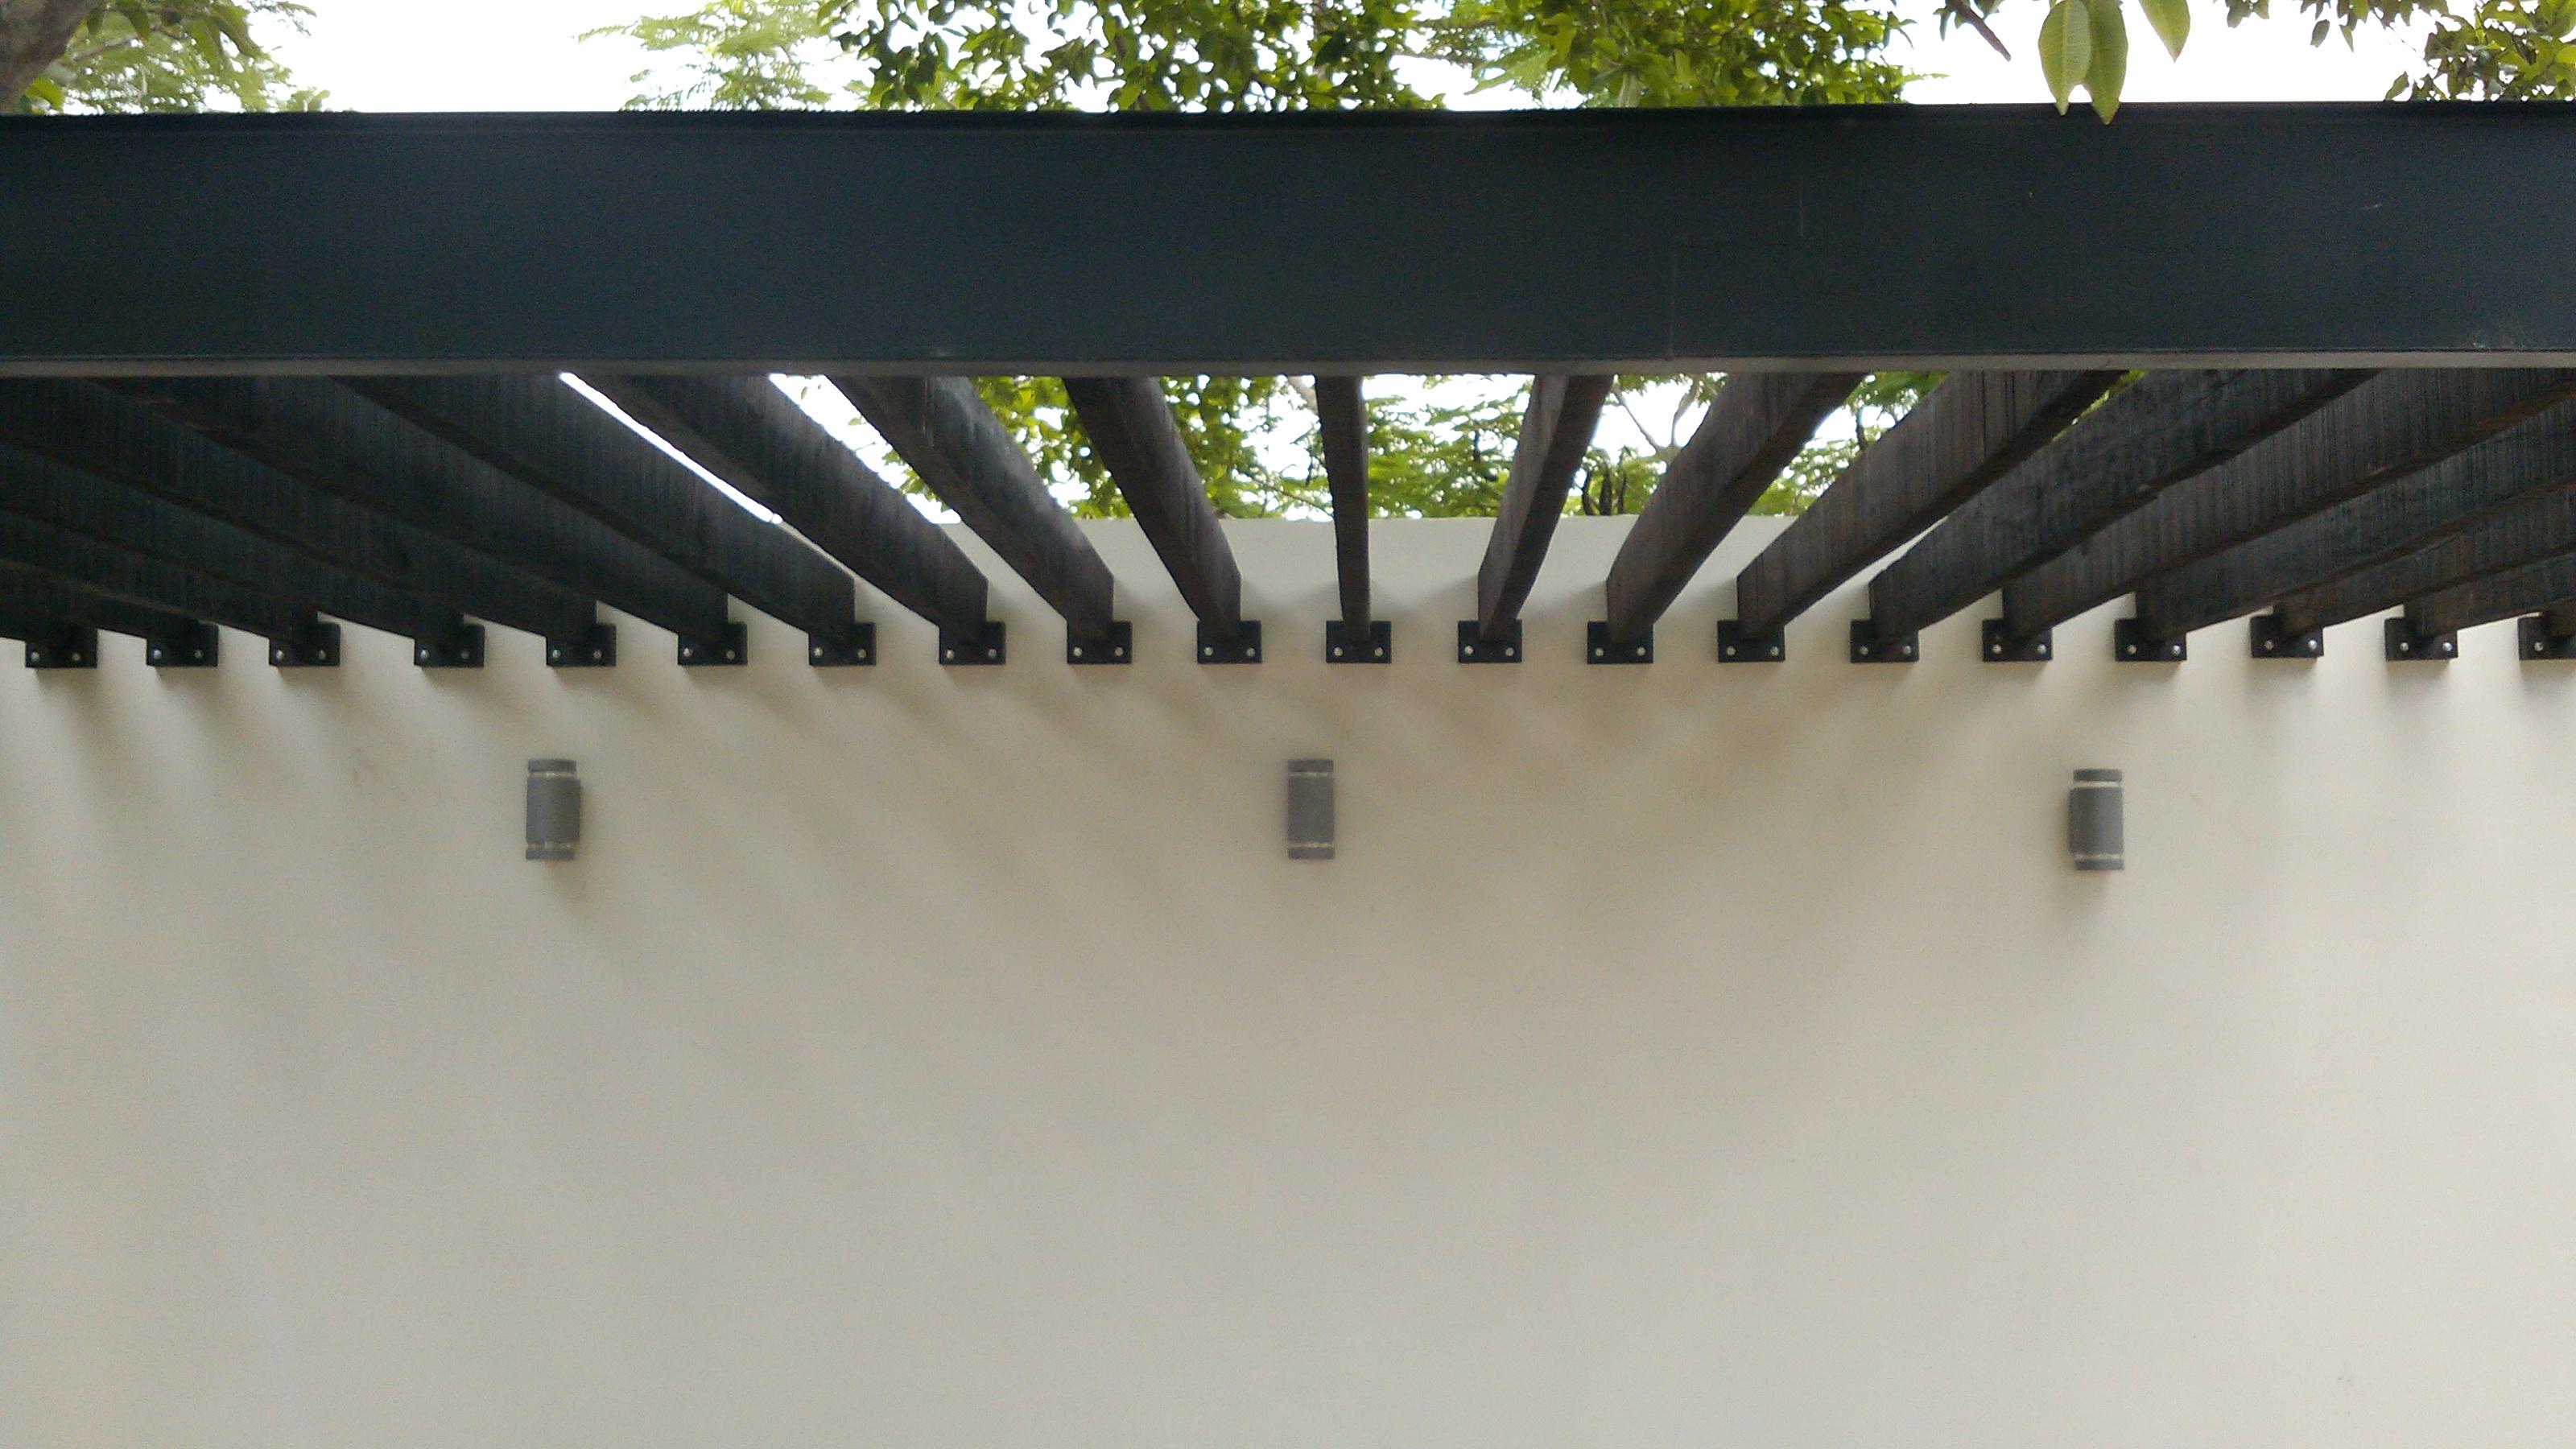 Wron de casa ikea cocina patas puertas correderas - Puertas correderas externas ...